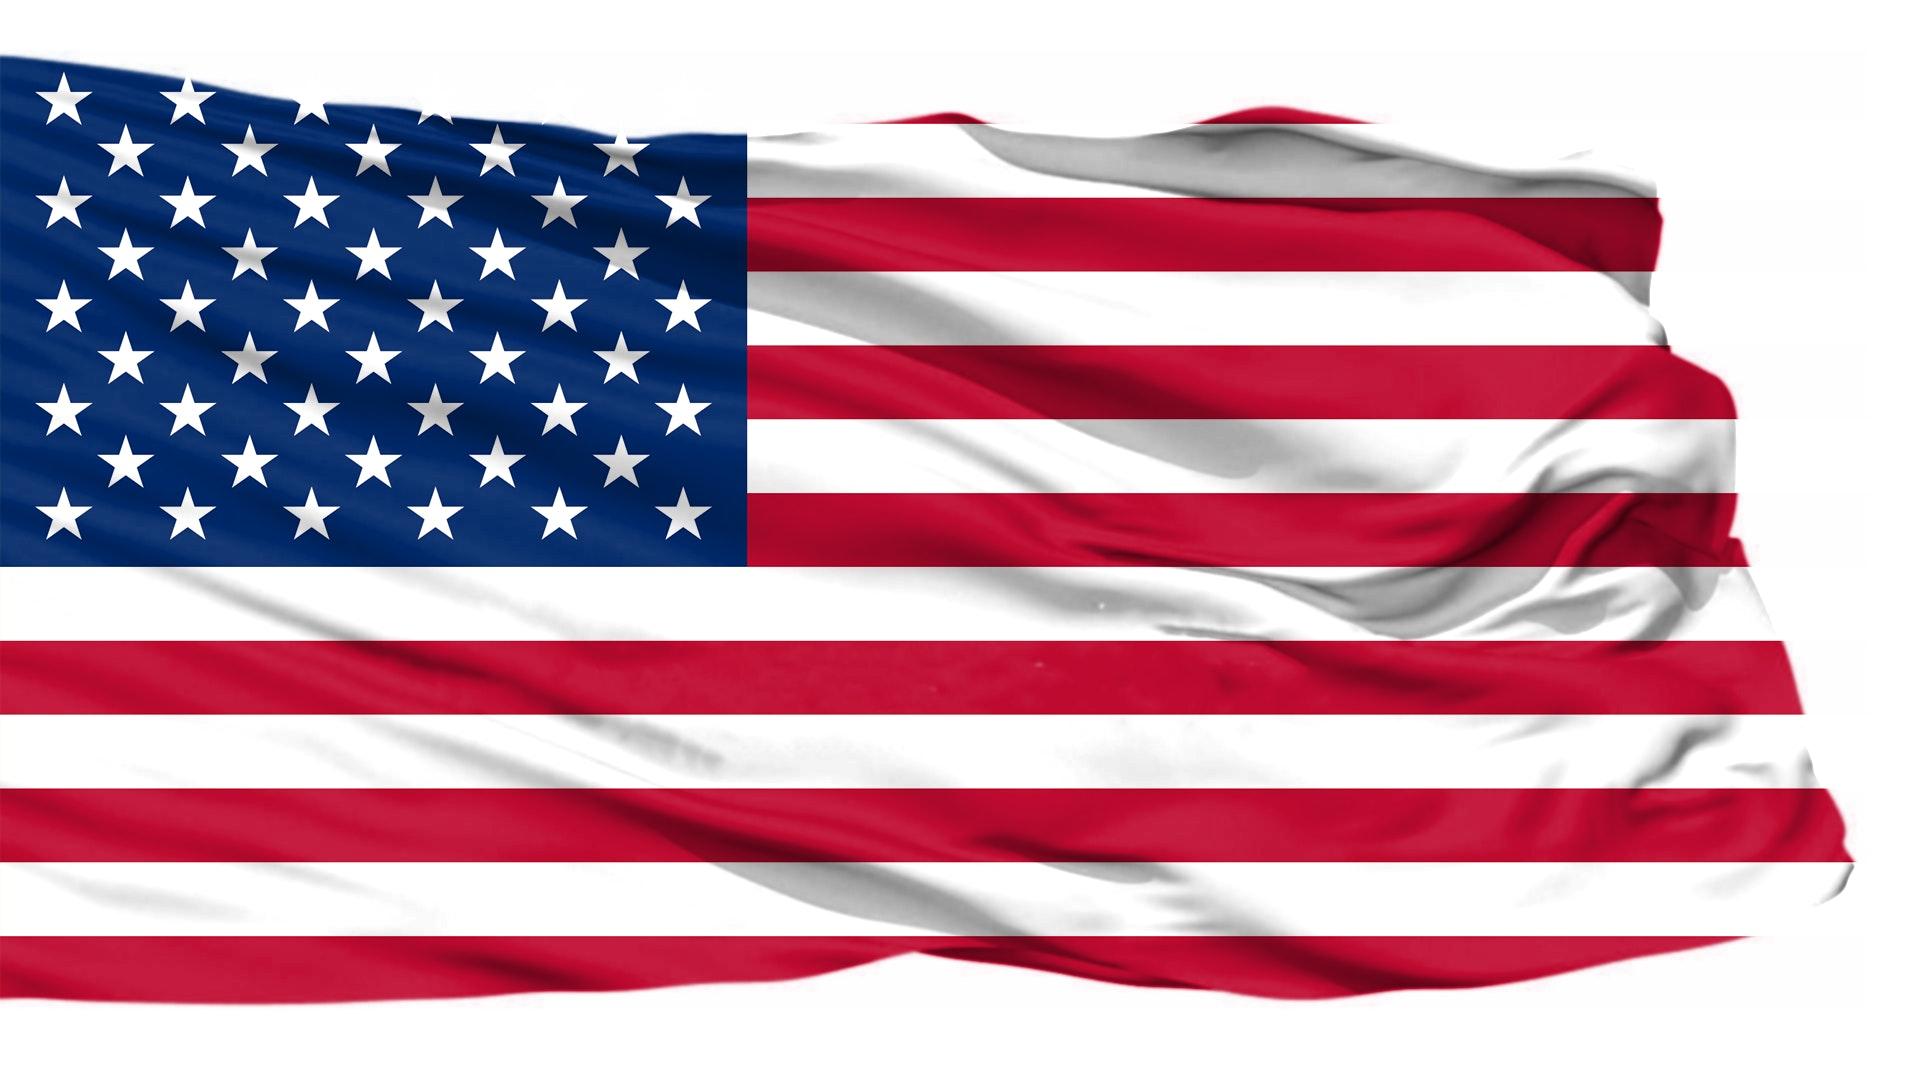 Atemberaubend Usa Flagge Malvorlagen Zum Ausdrucken Ideen ...